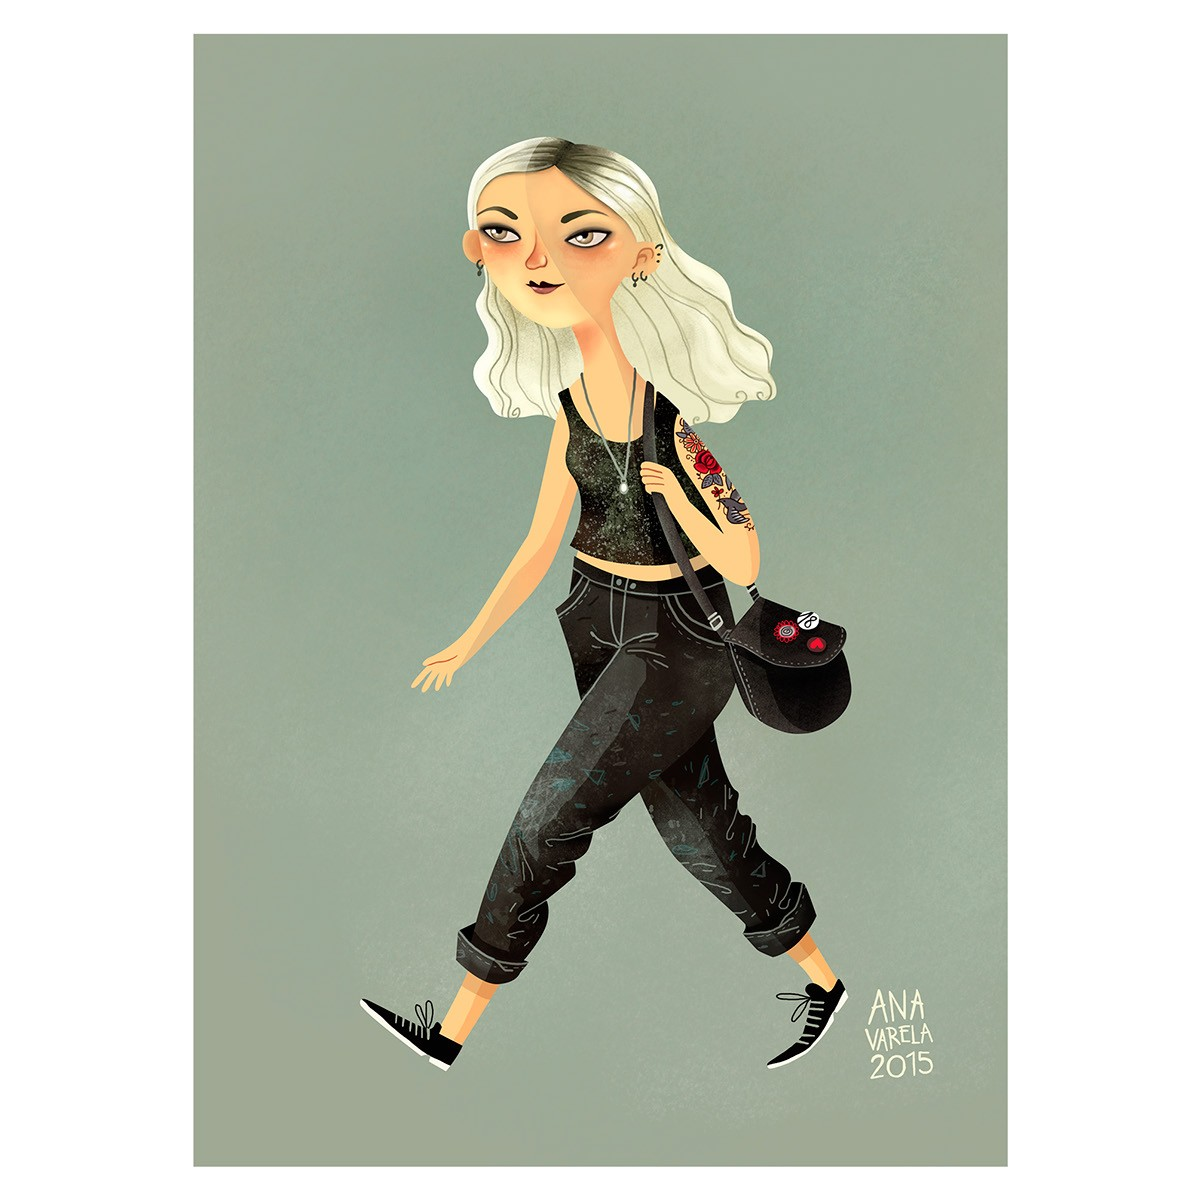 Ana Varela 卡通造型设计欣赏